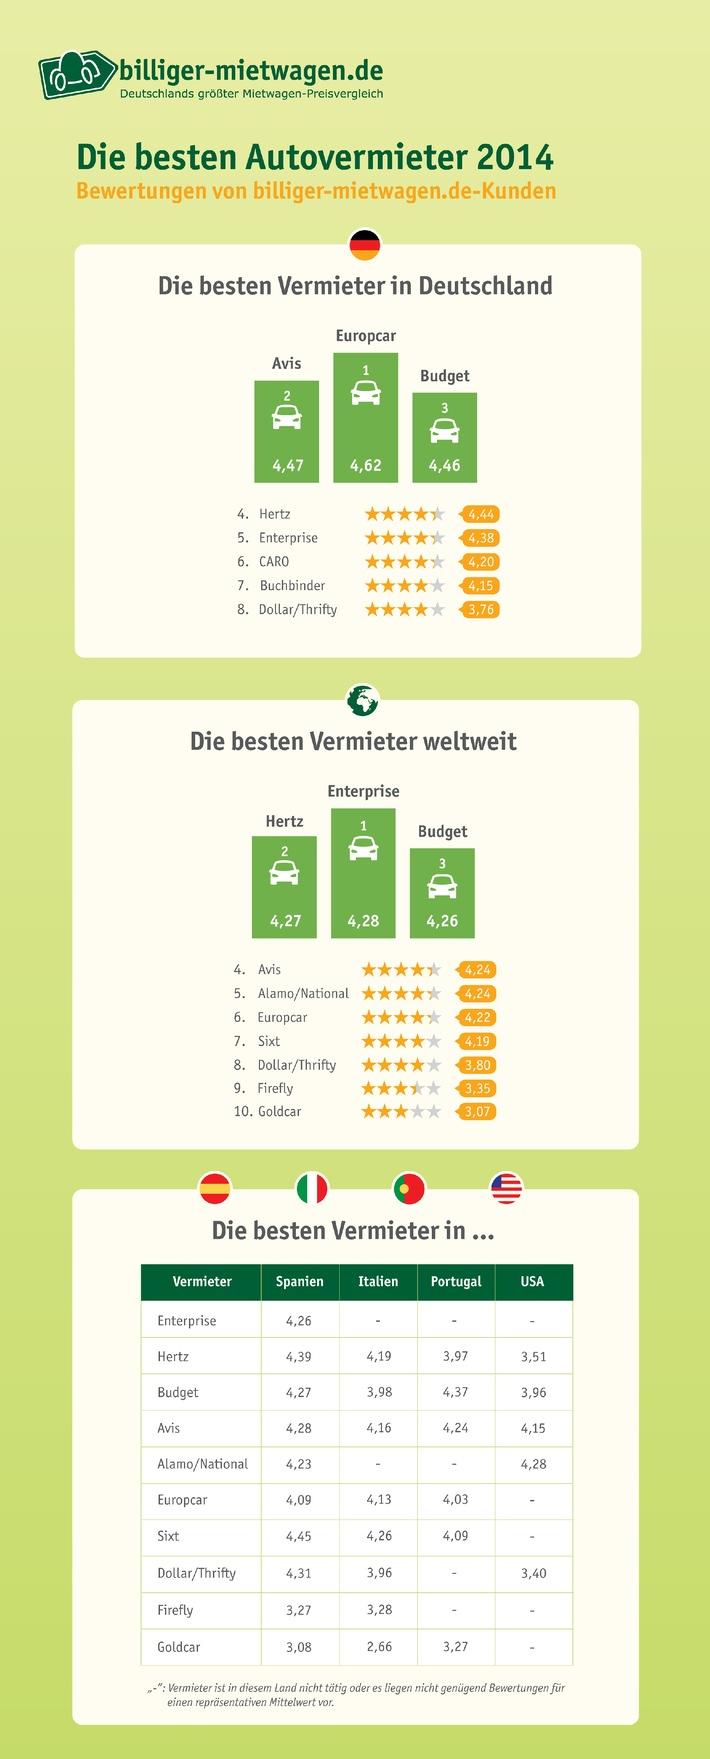 Beliebtester Autovermieter 2014 bei deutschen Kunden ist Enterprise